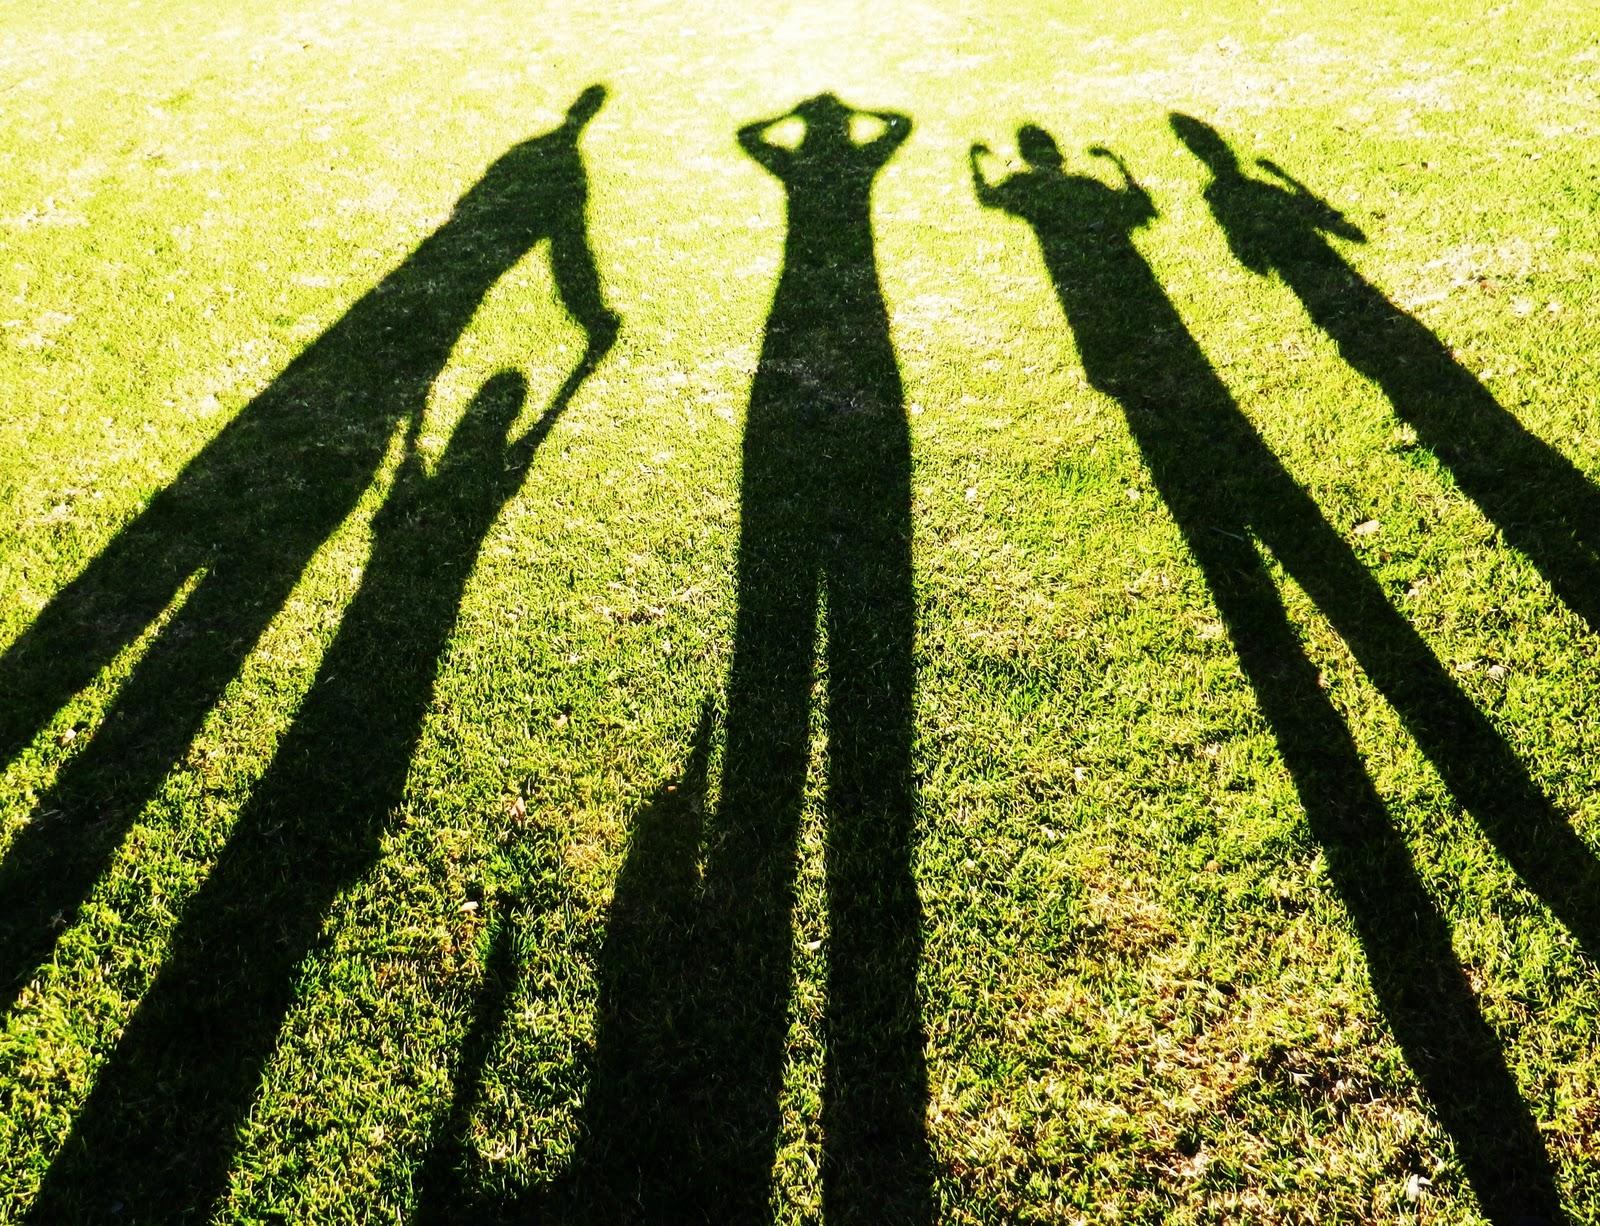 http://1.bp.blogspot.com/-3ROKt7UccLo/TwKMtbKBFHI/AAAAAAAABQE/ejlngLWyKSQ/s1600/Shadow%2BFamily%2B2.JPG